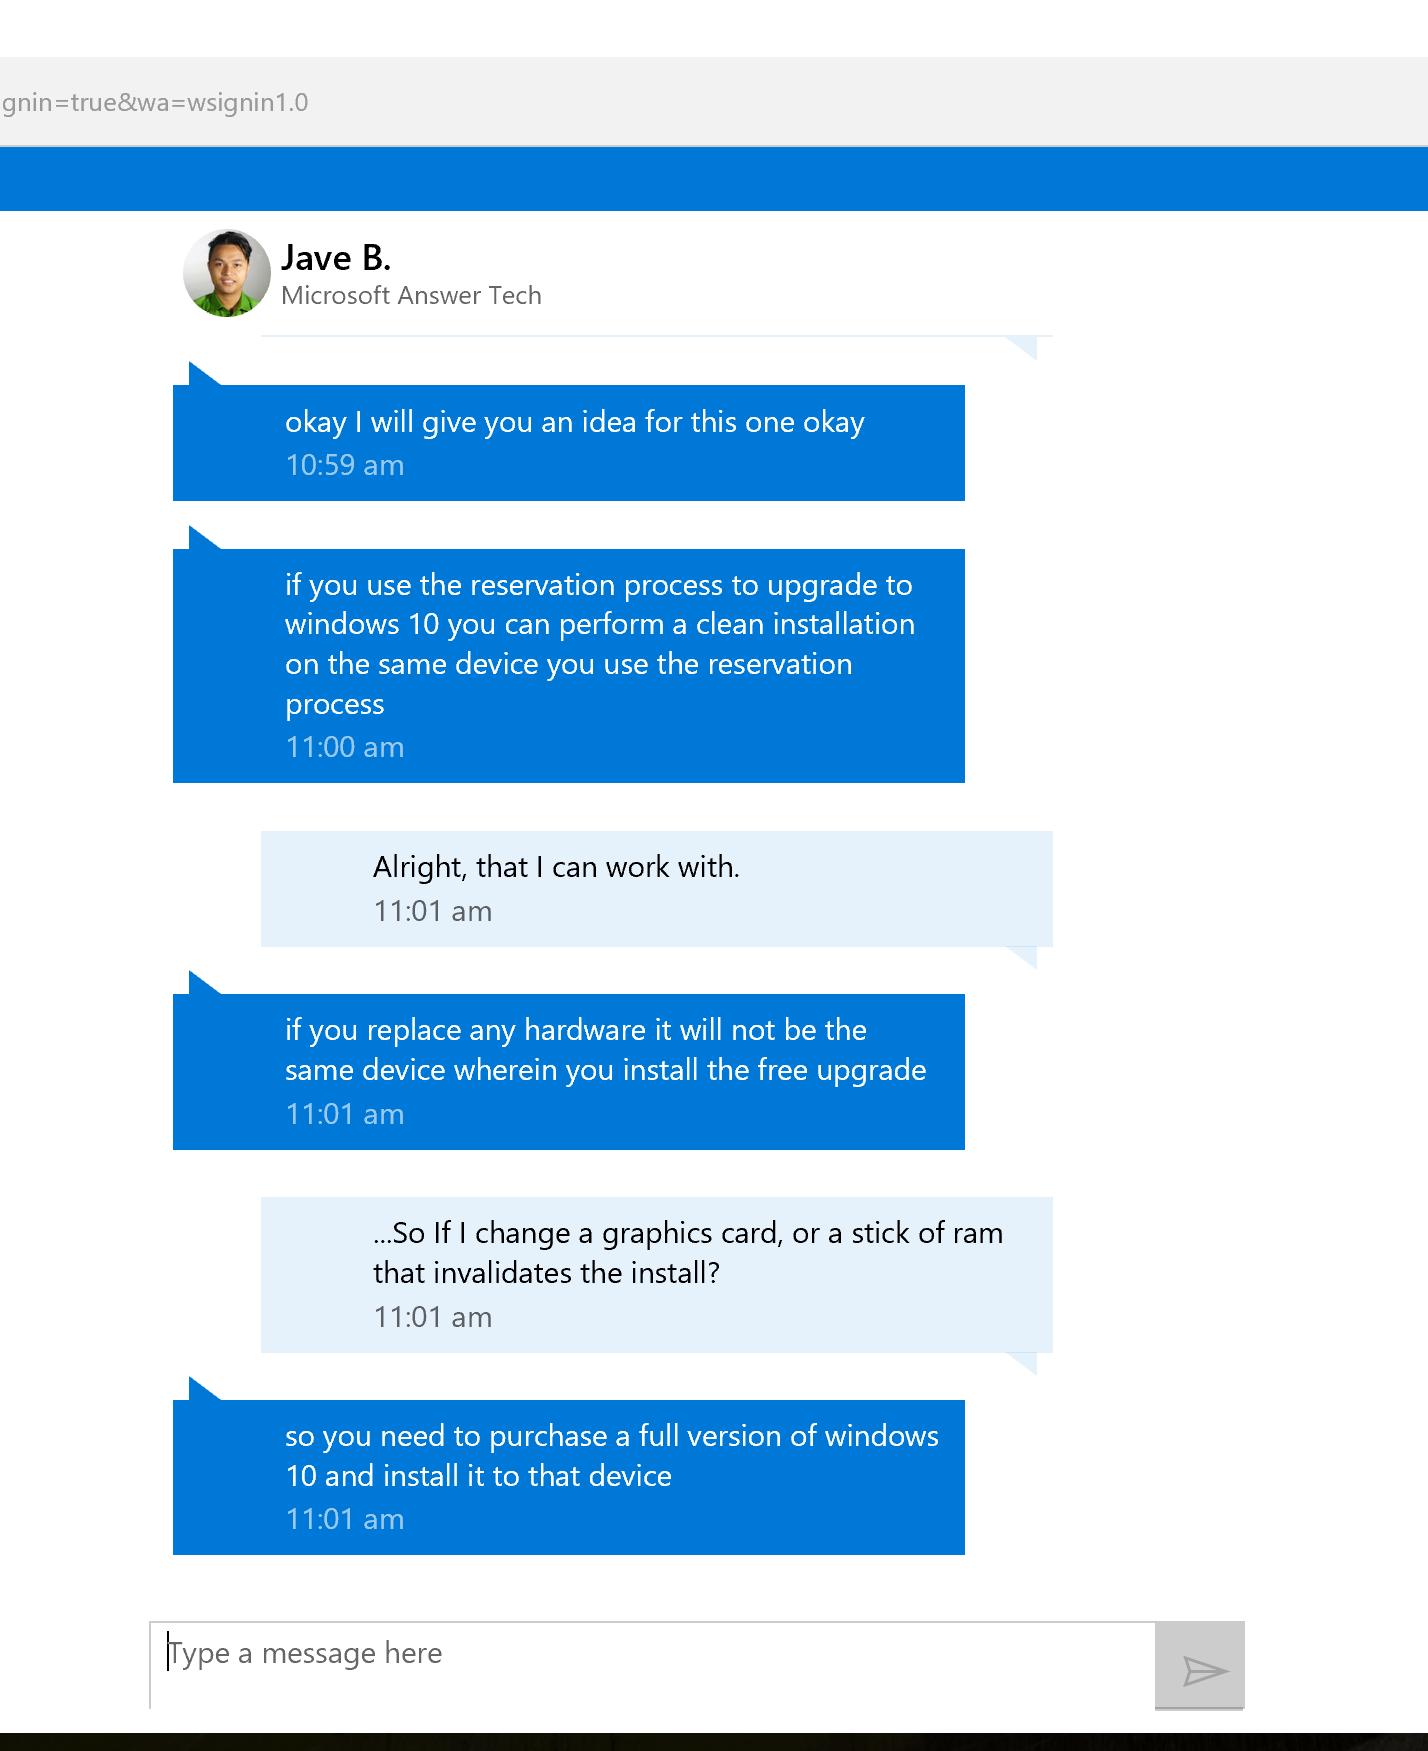 Microsoft answers